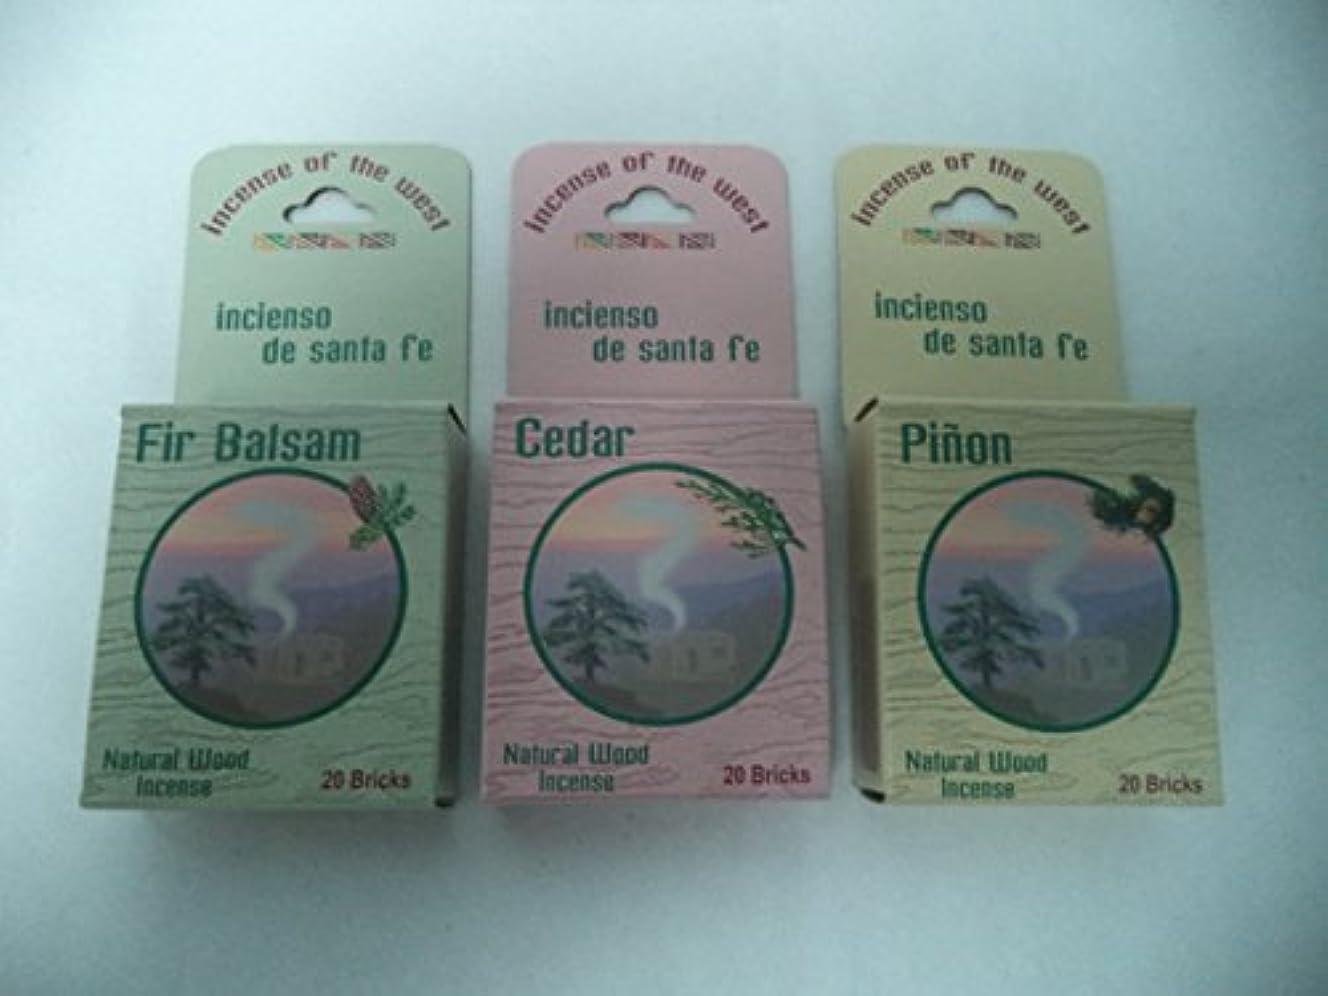 飢えメッセンジャー学期Balsam Fir 20 + Cedar 20 + Pinon Pine 20: 60 CHRISTMAS INCENSE CONES / LOGS by Incienso de Sante Fe